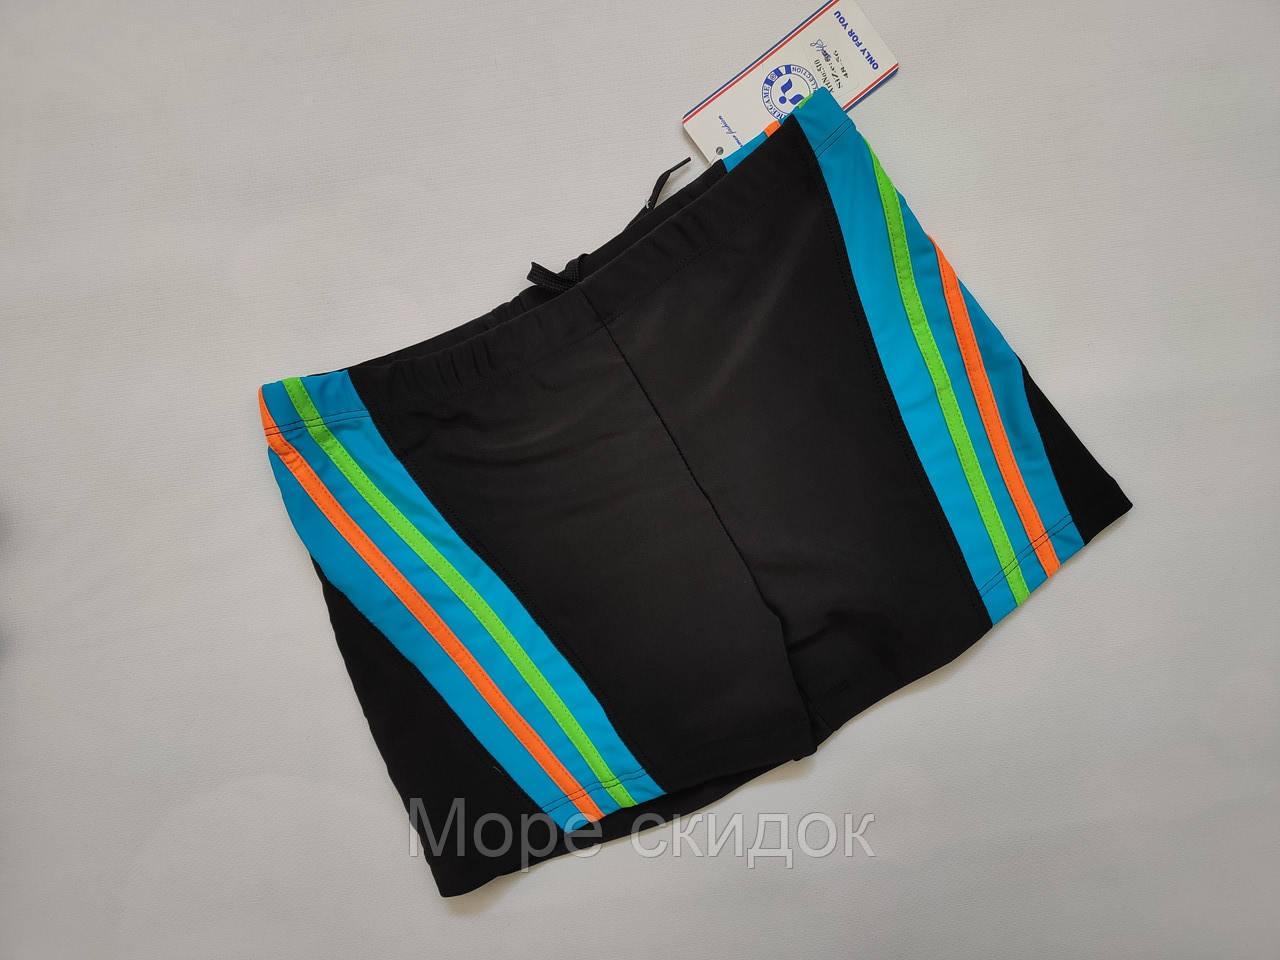 Шорты-плавки мужские SAME GAME 510 черный (в наличии   48 50 52 54 56  размеры)